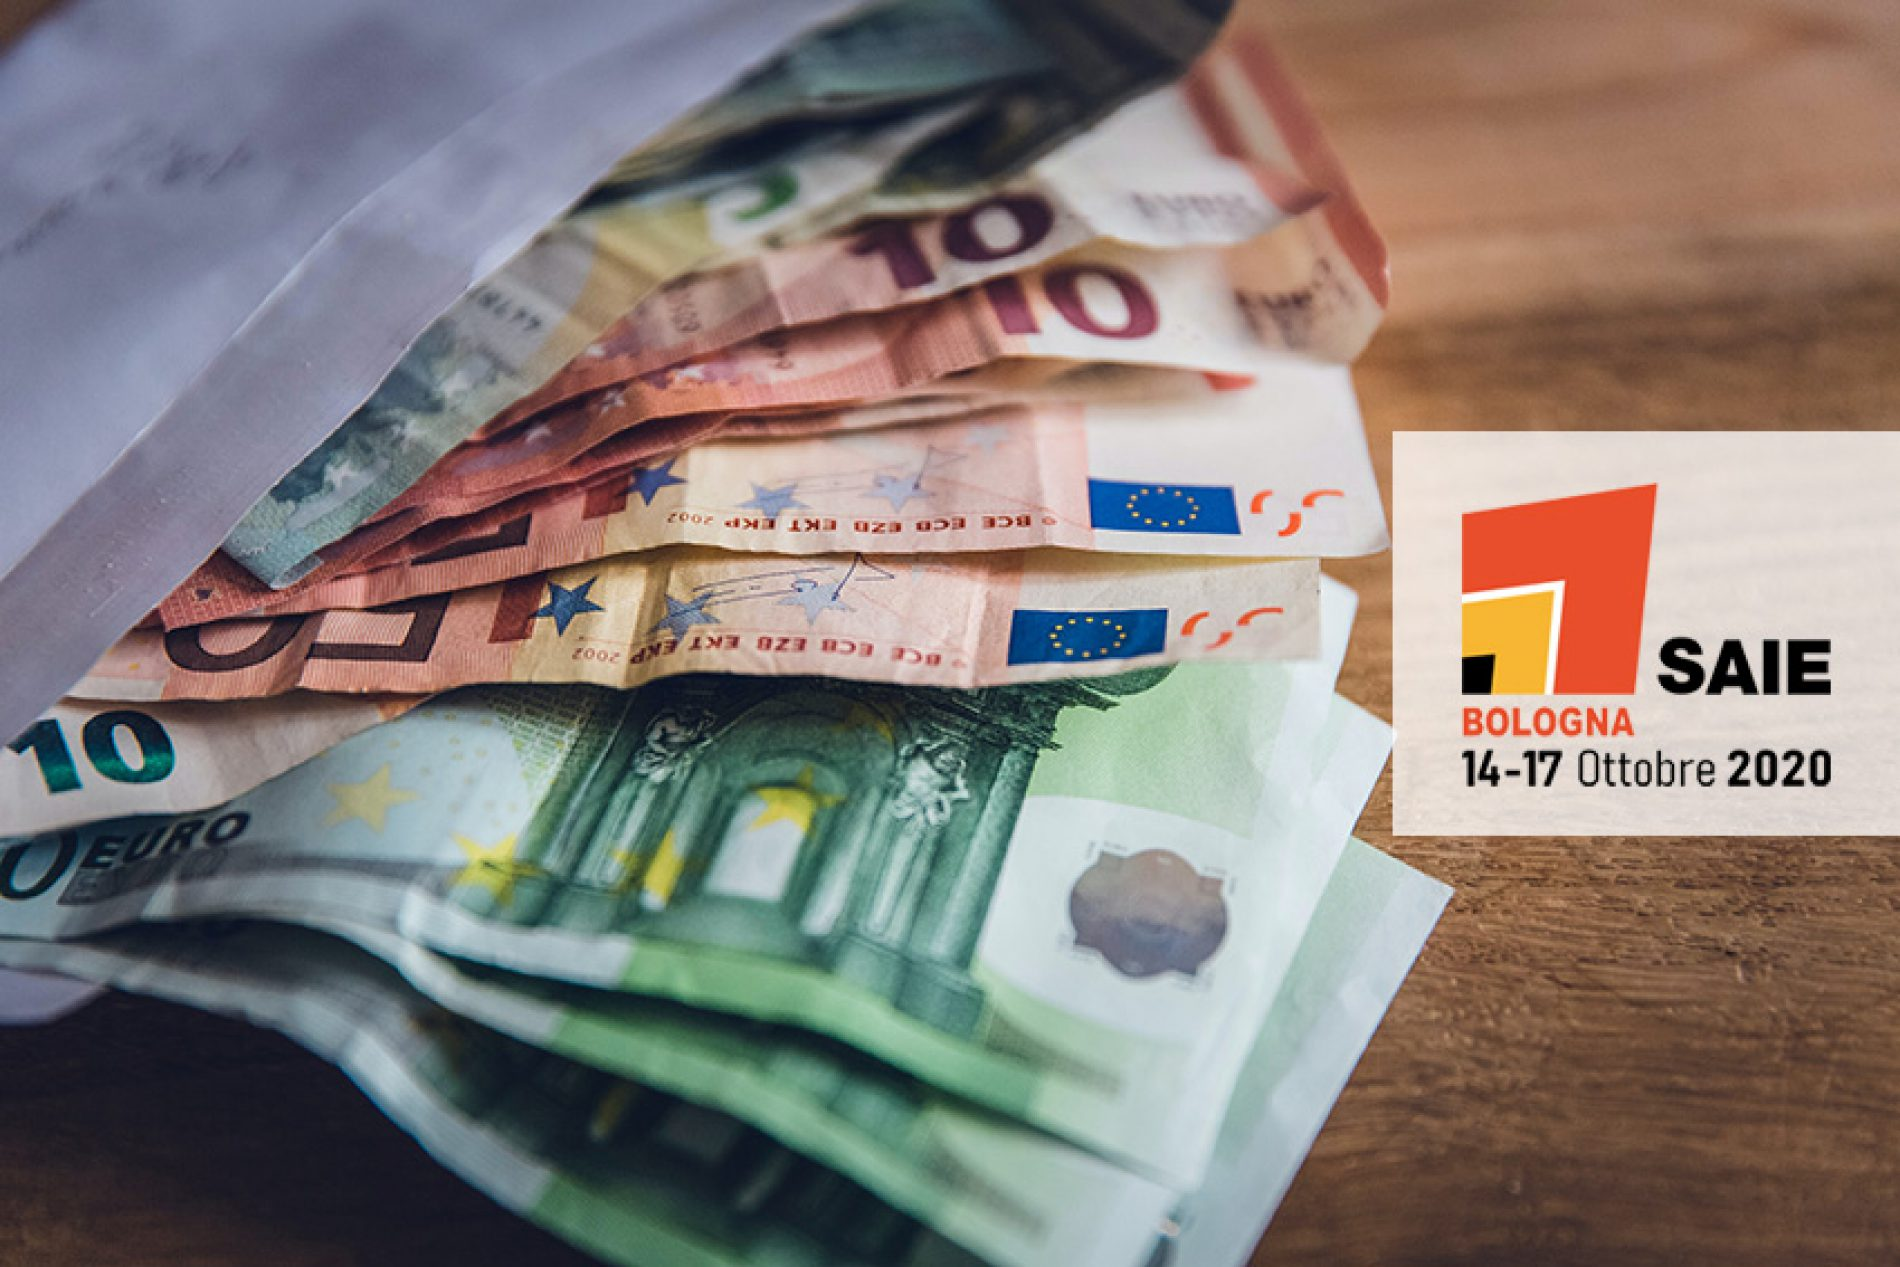 SAIE 2020: 150.000 euro di finanziamenti a disposizione delle aziende per esporre in fiera